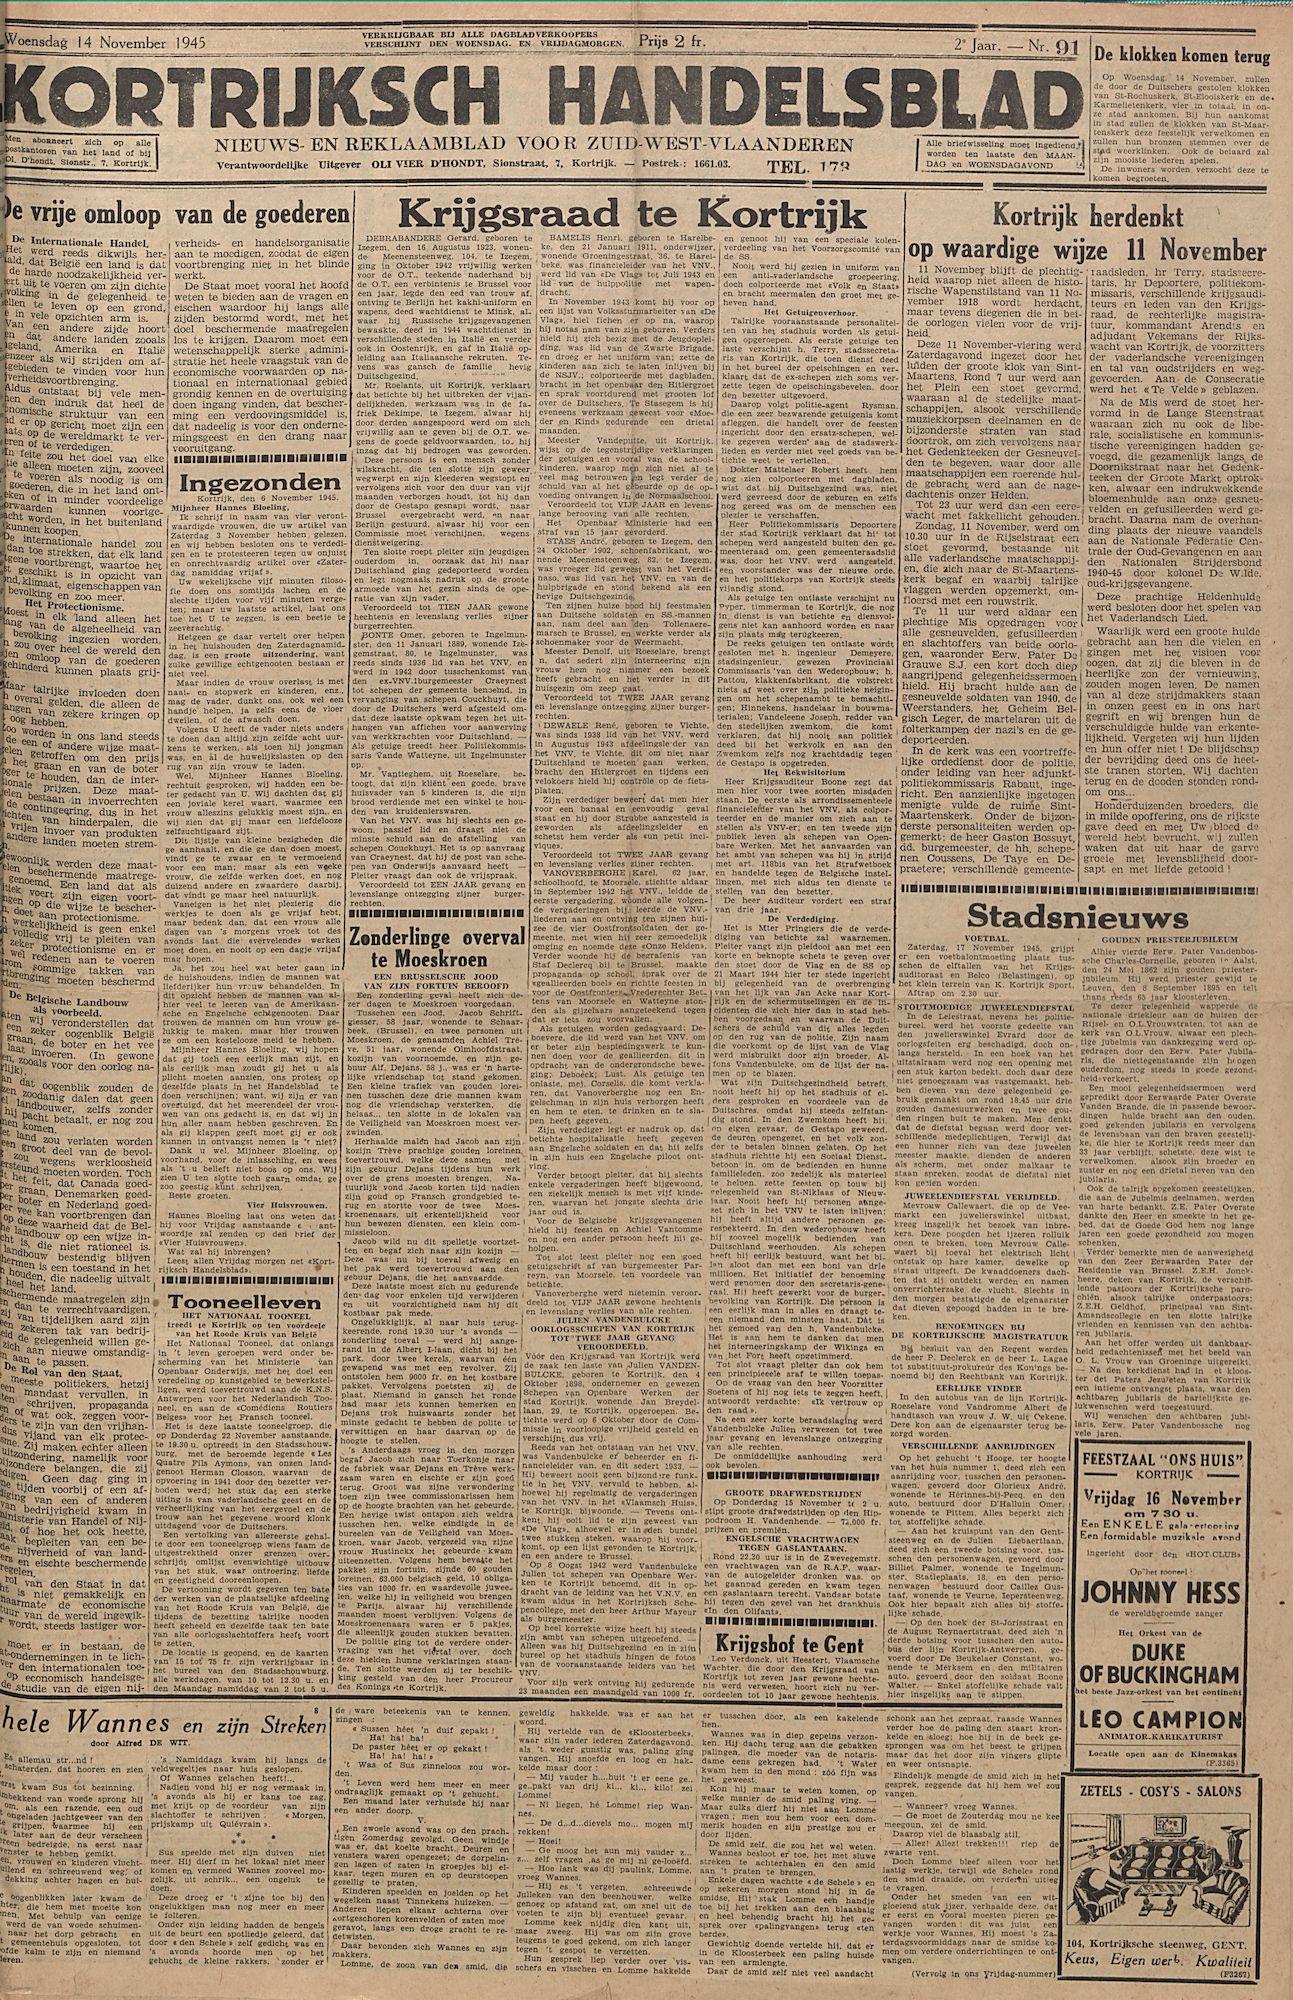 Kortrijksch Handelsblad 14 november 1945 Nr91 p1